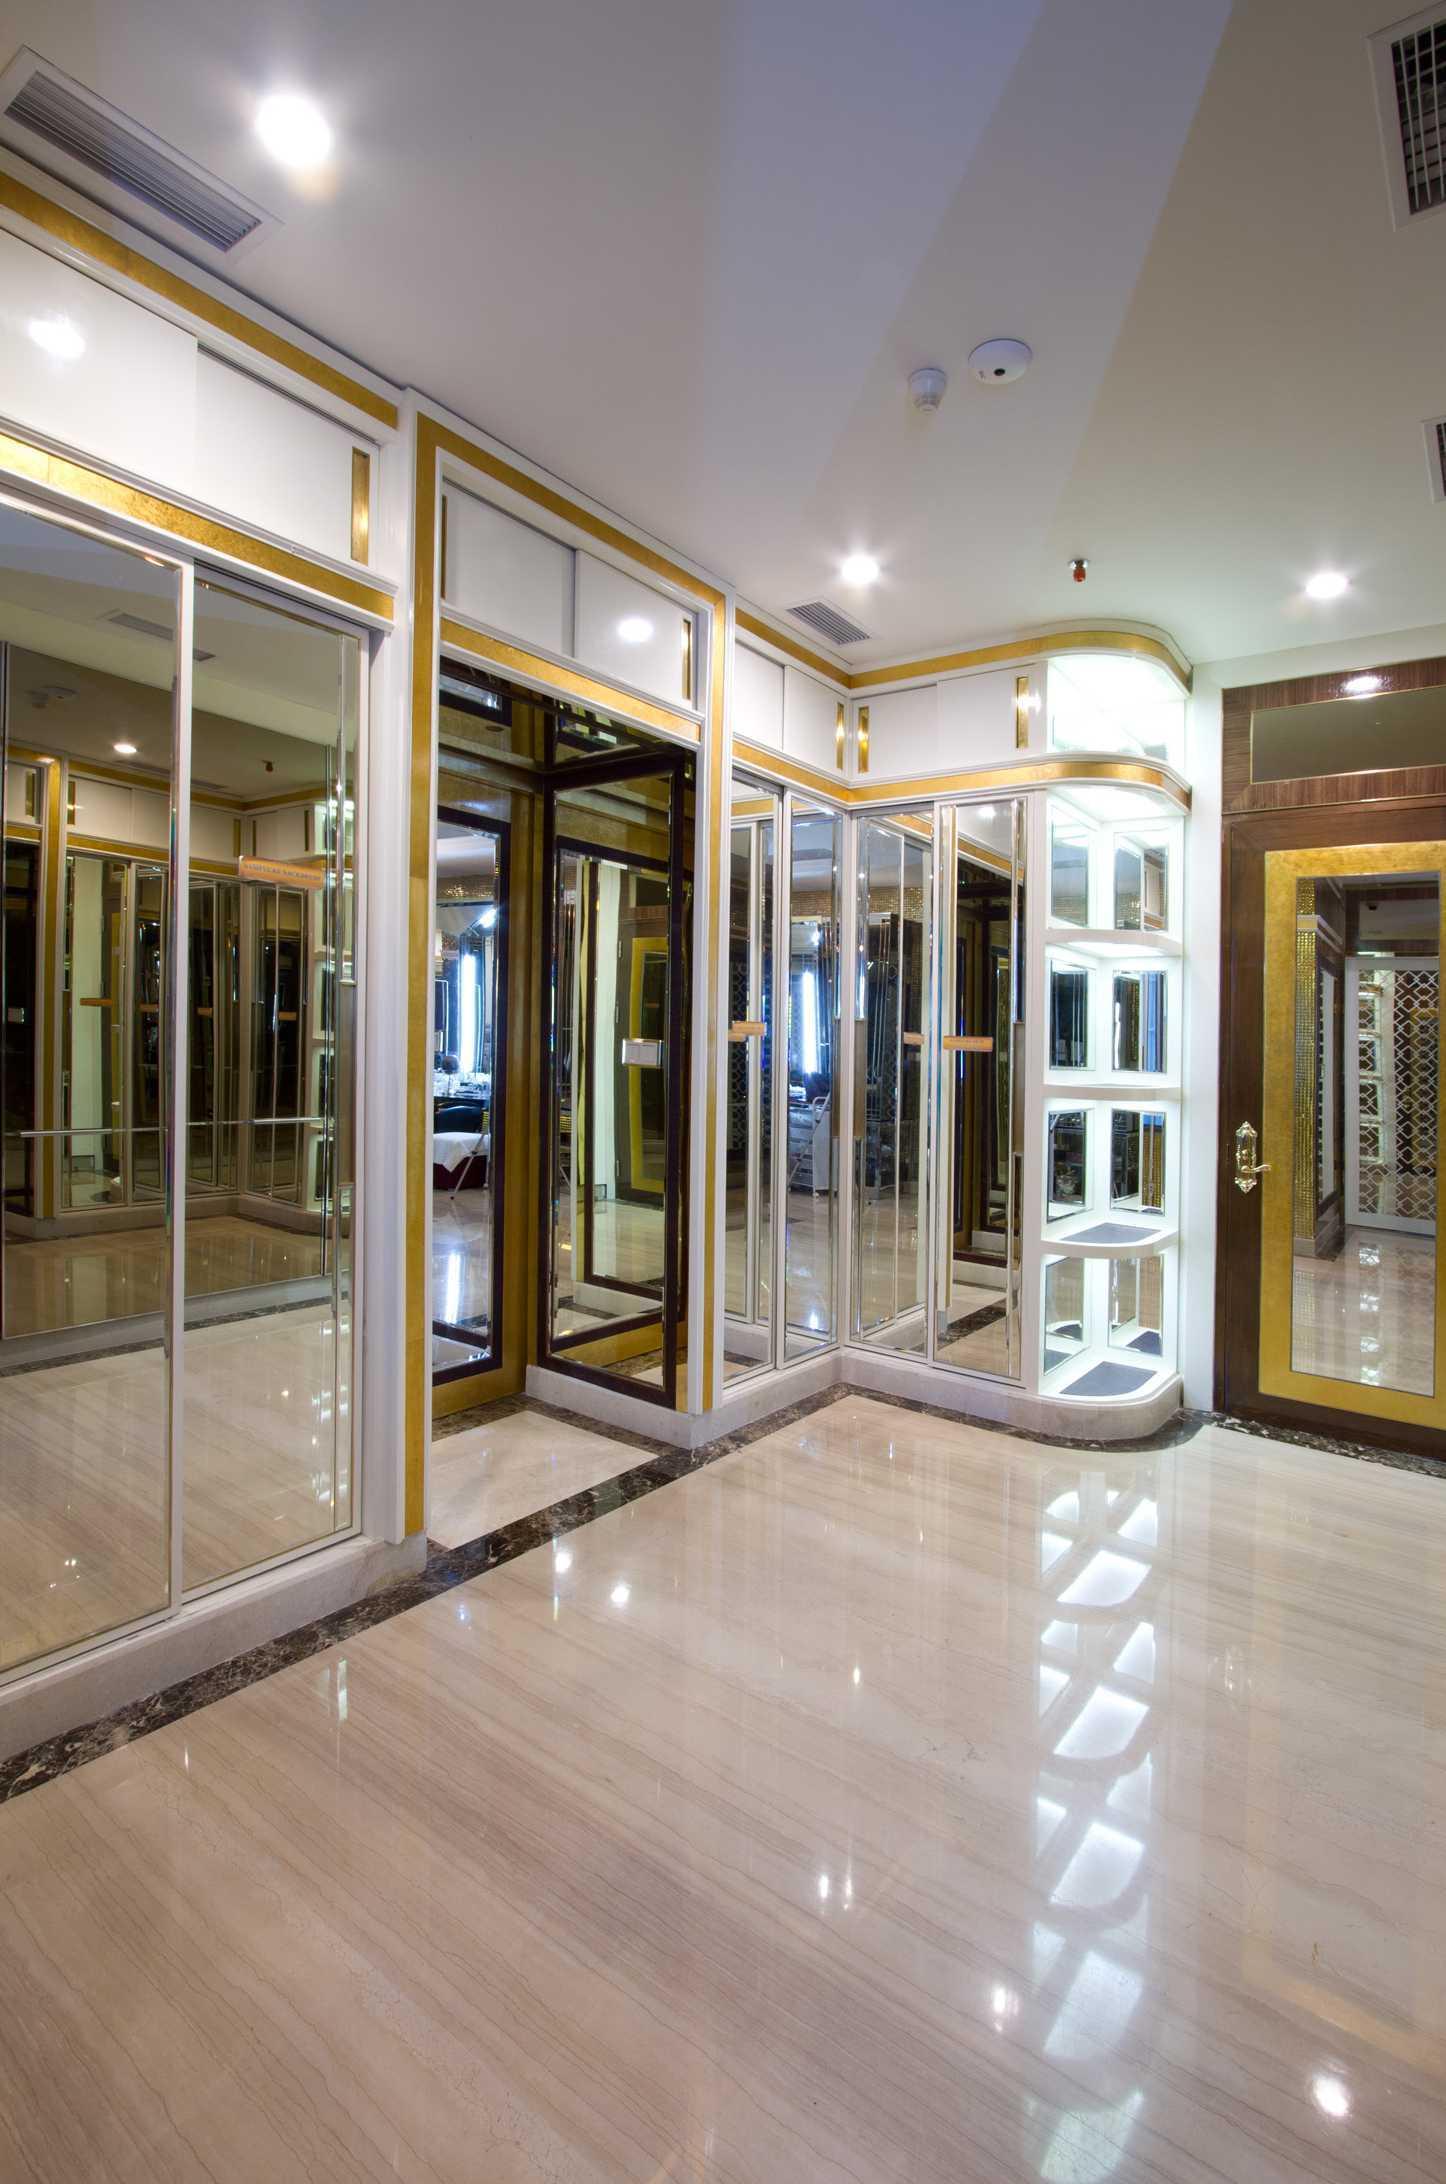 Pt Alradista Desain Indonesia Senopati Penthouse, Jakarta Senopati Jakarta Senopati Jakarta Walk In Closet  <P>Area Walk In Closet</p> 11150